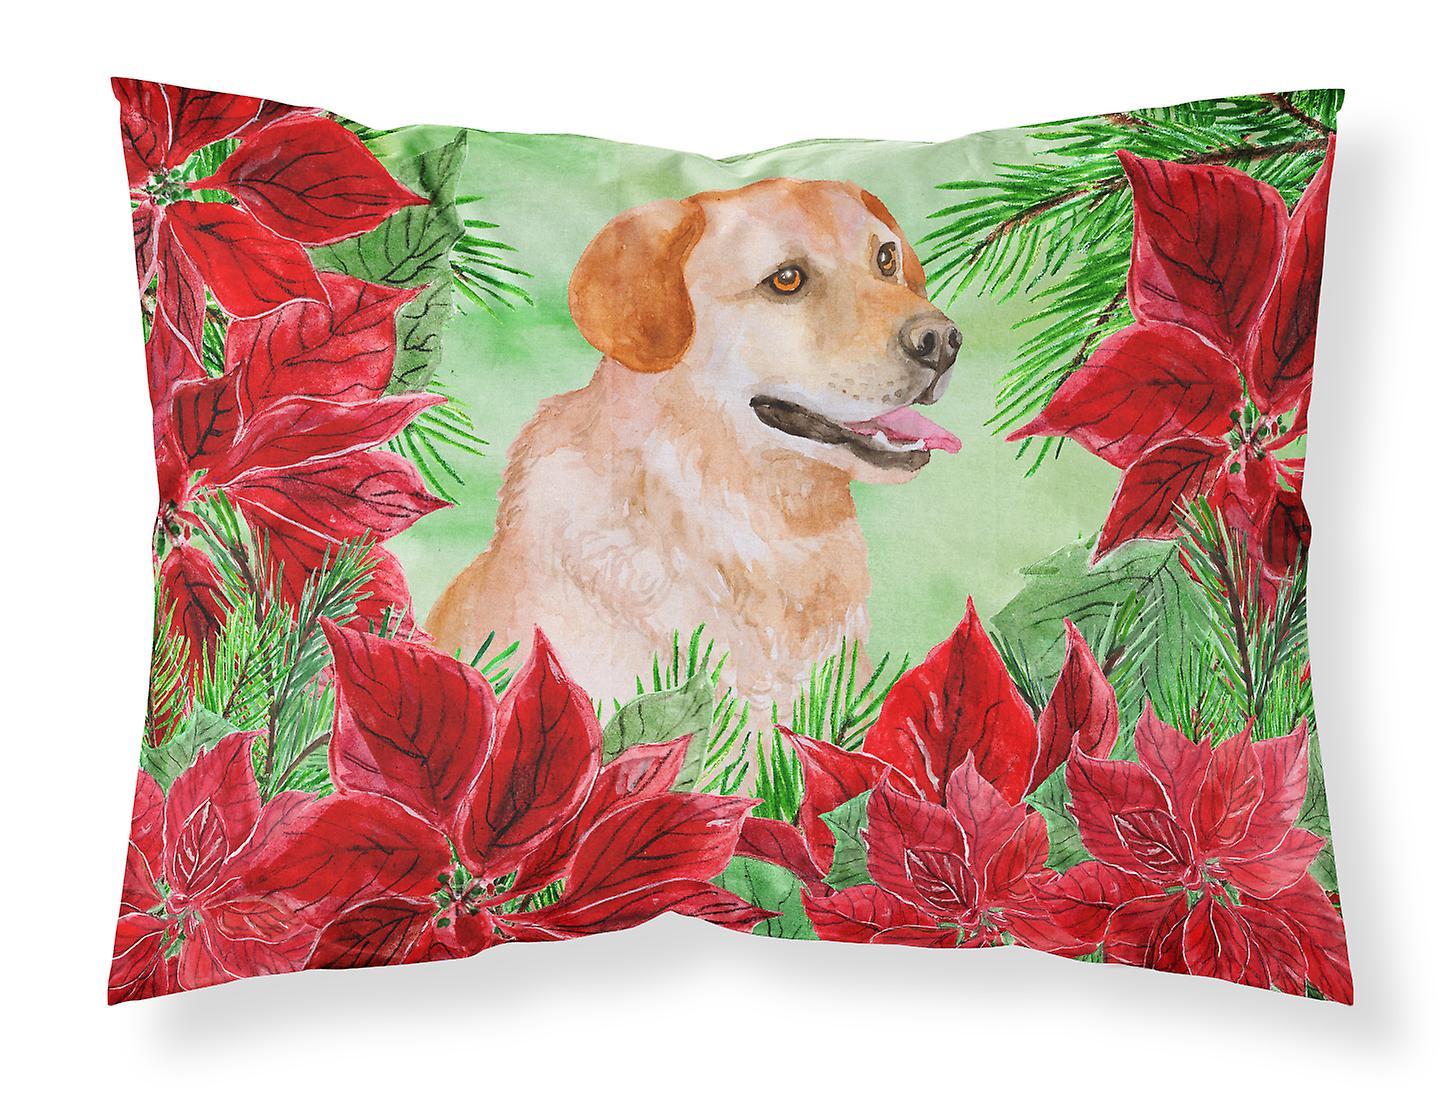 Labrador Standard Retriever Du D'oreiller De Poinsettias Taie Tissu MpqUGSzV